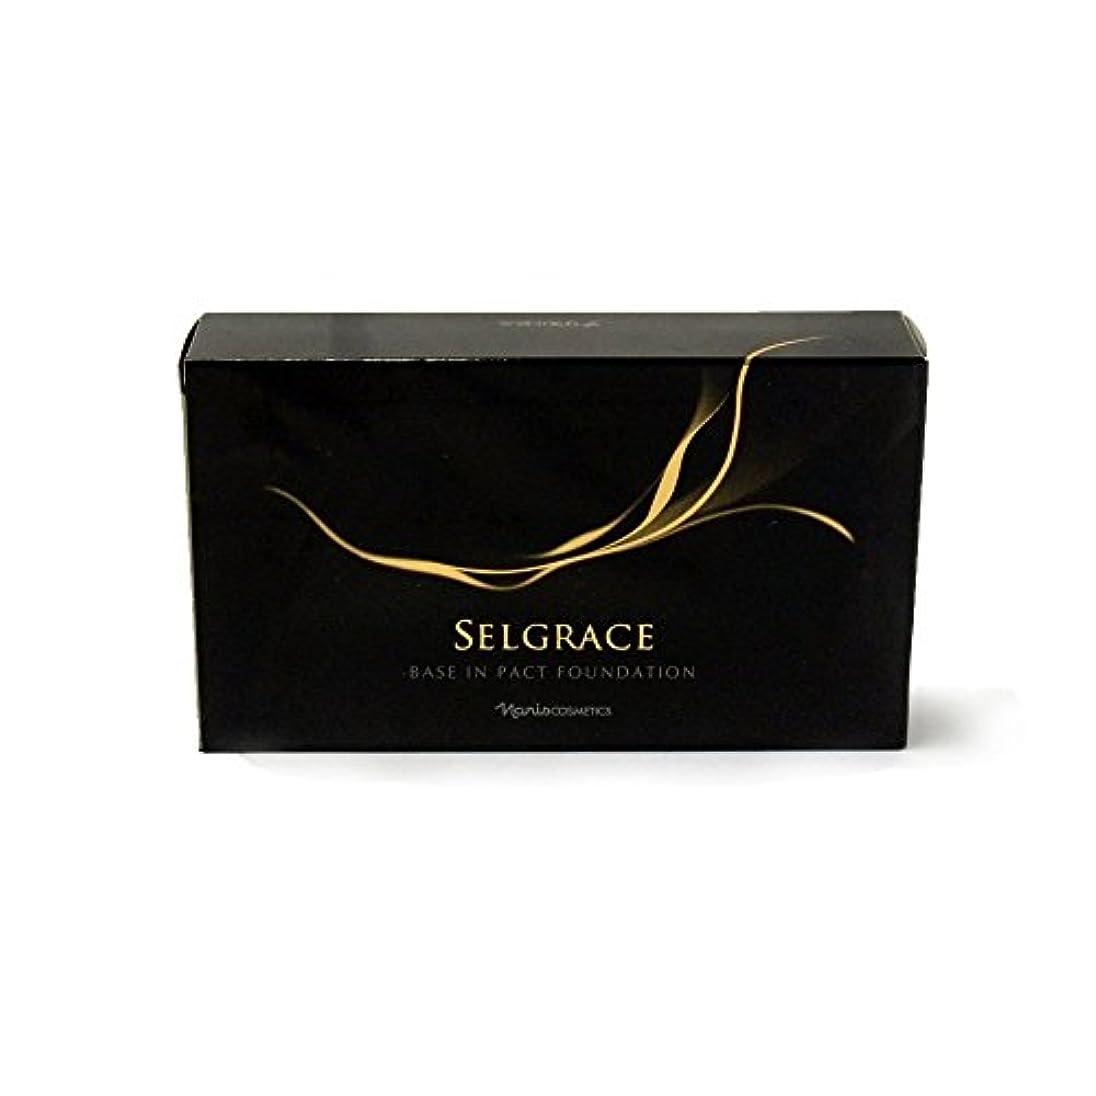 悪行ラッドヤードキップリングひねりナリス化粧品 セルグレース ベースインパクト ファンデーション 570 ダークベージュ レフィル (スポンジ付き)